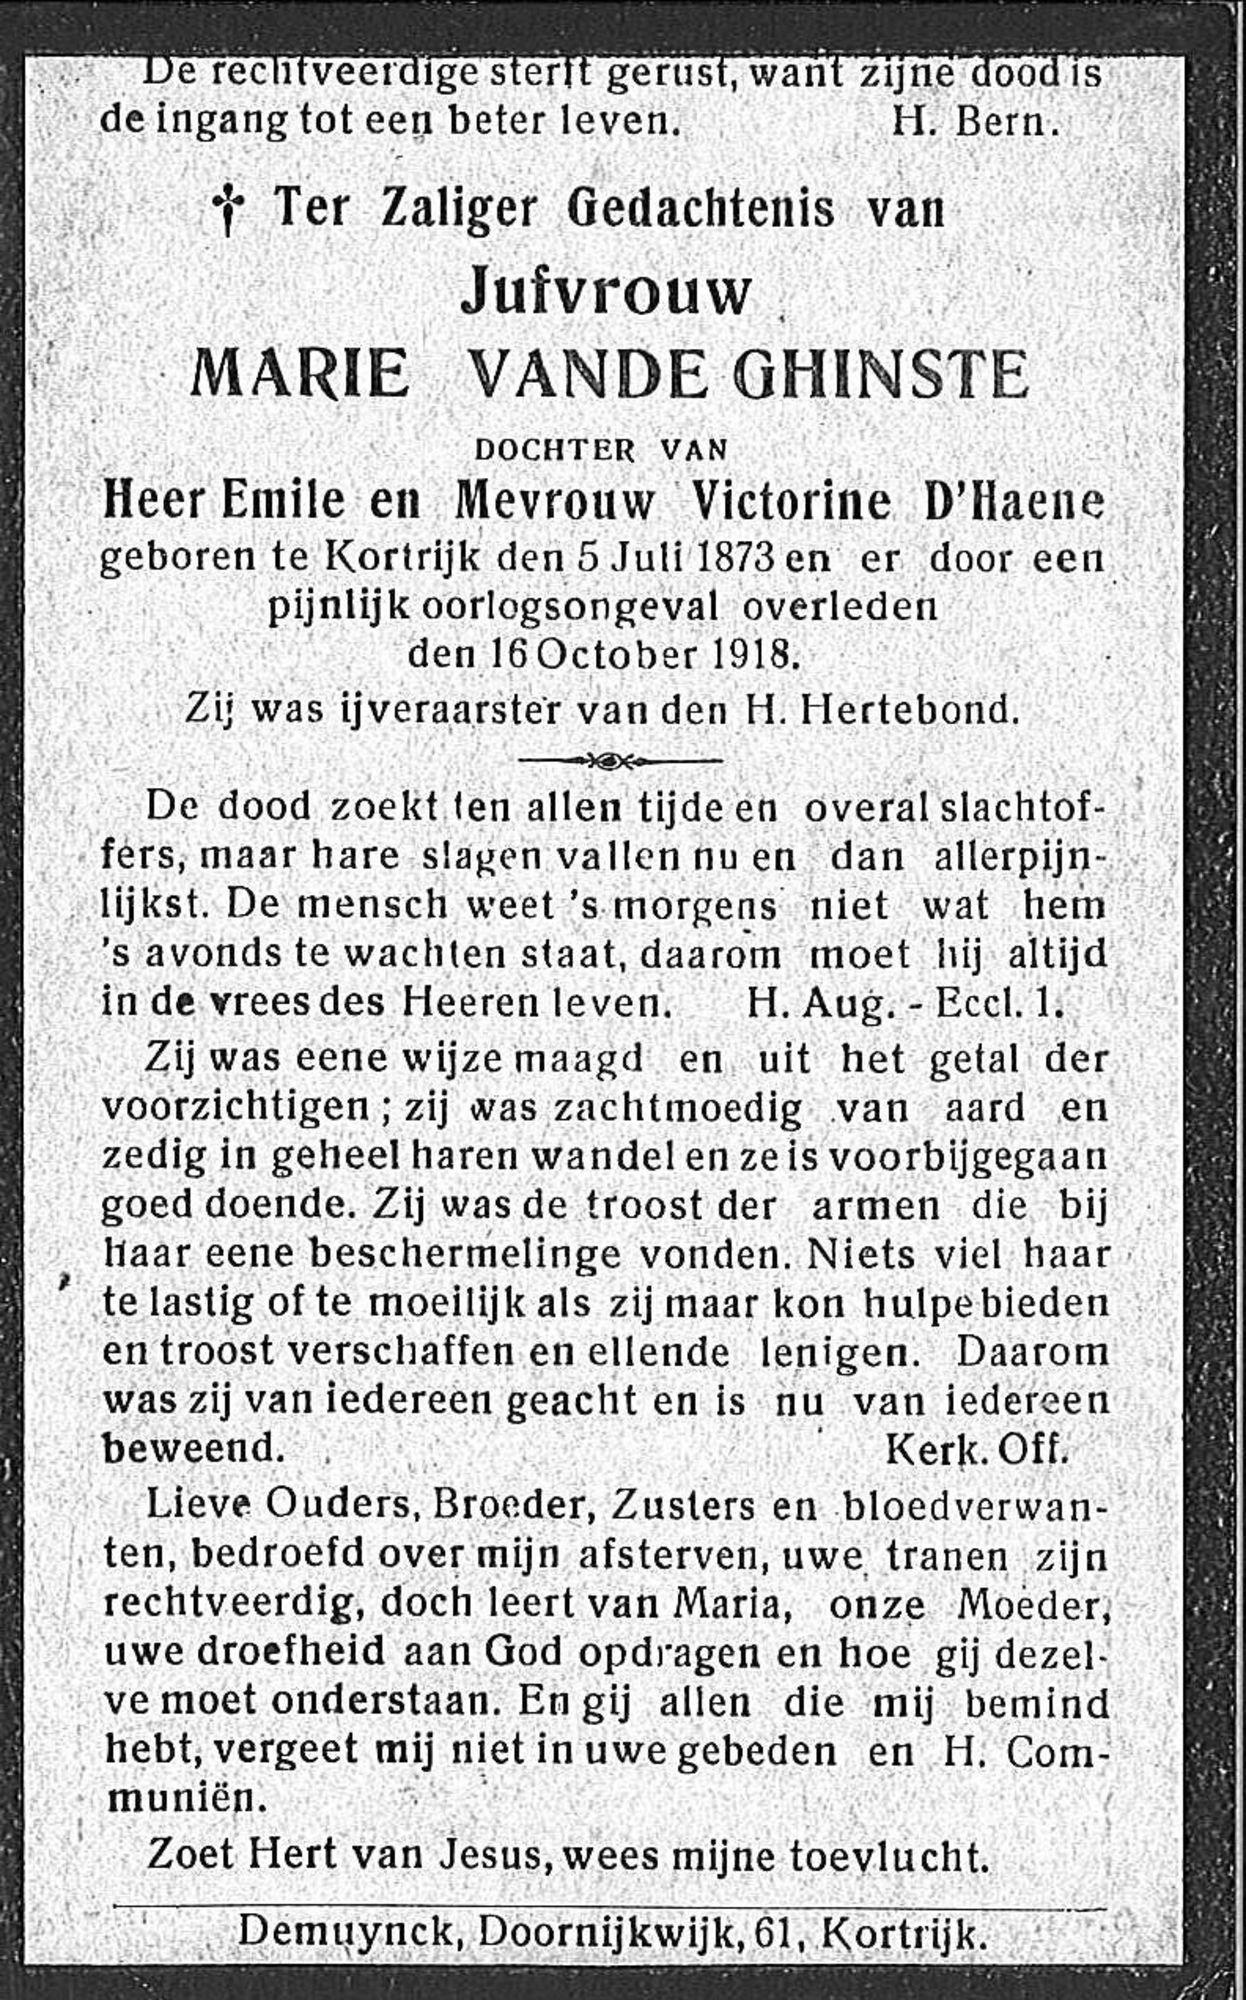 Marie Vande Ghinste